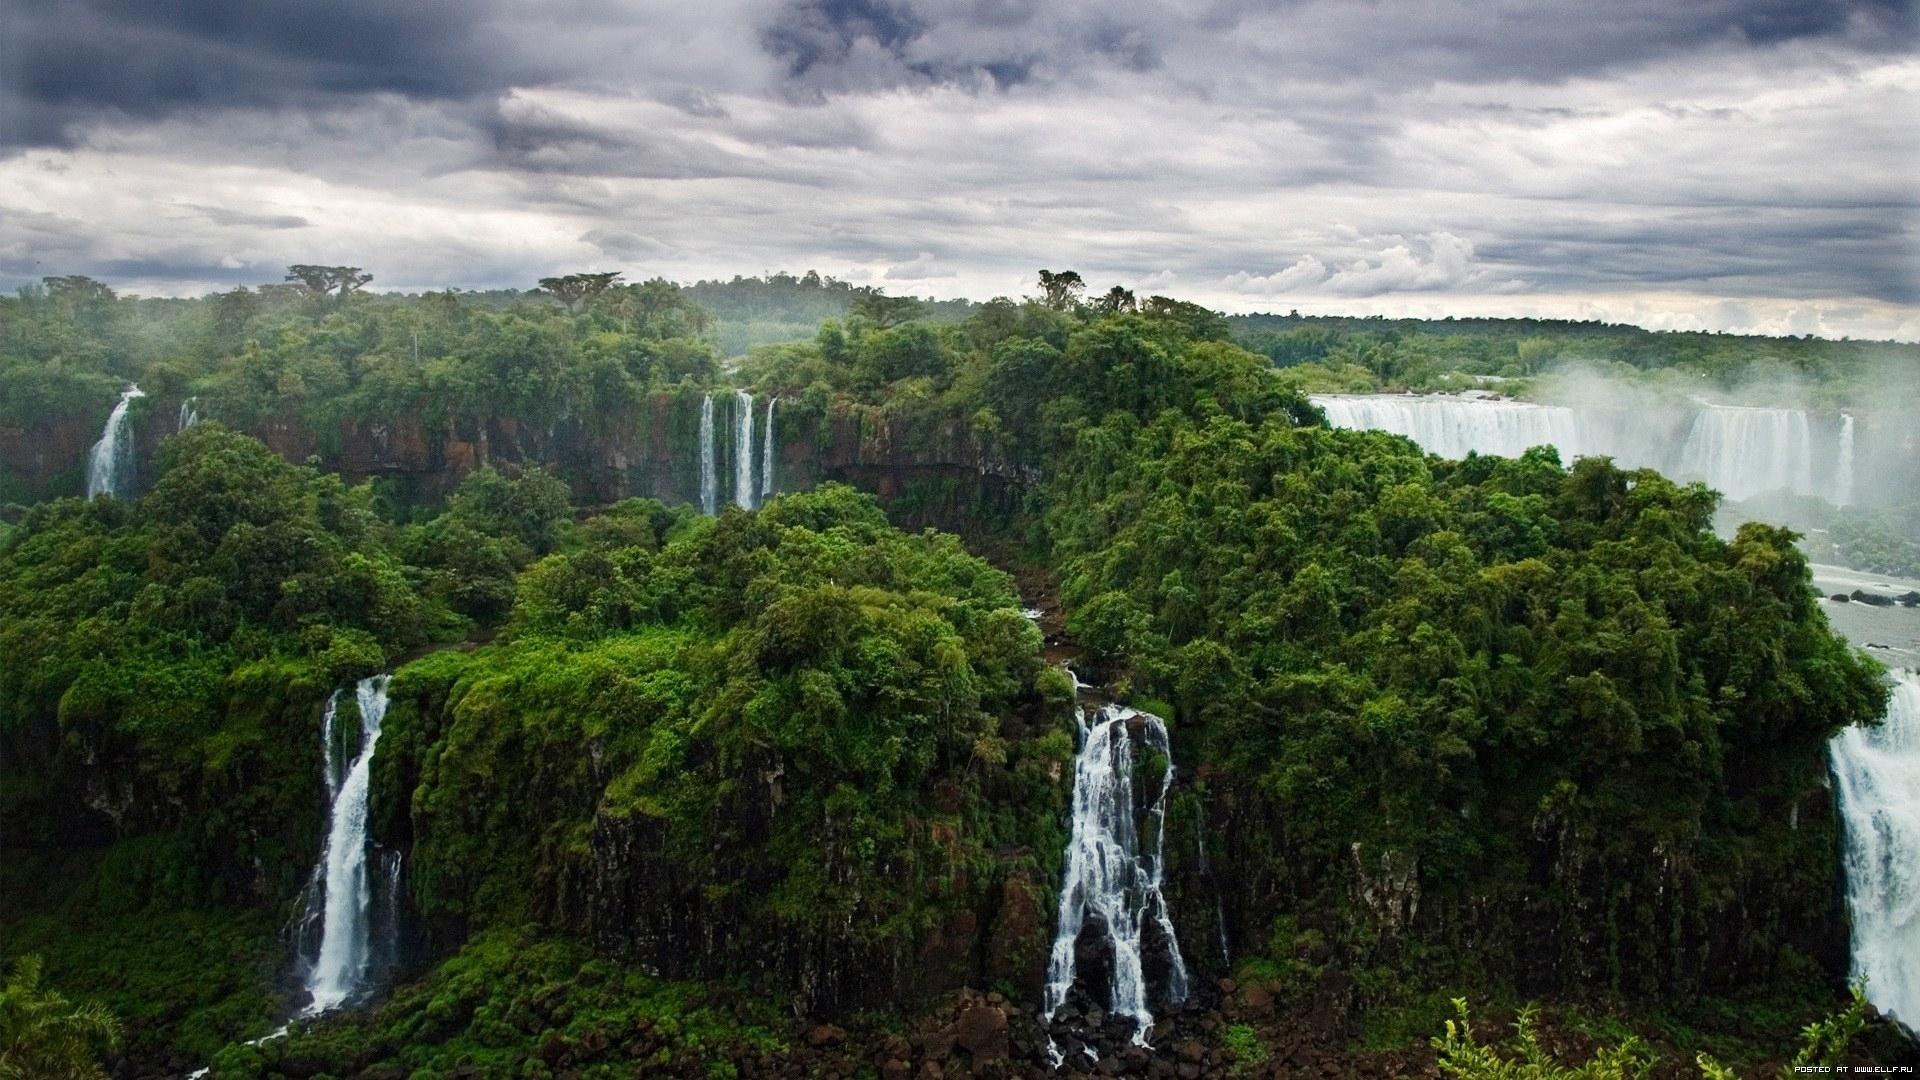 23527 скачать обои Пейзаж, Деревья, Облака, Водопады - заставки и картинки бесплатно